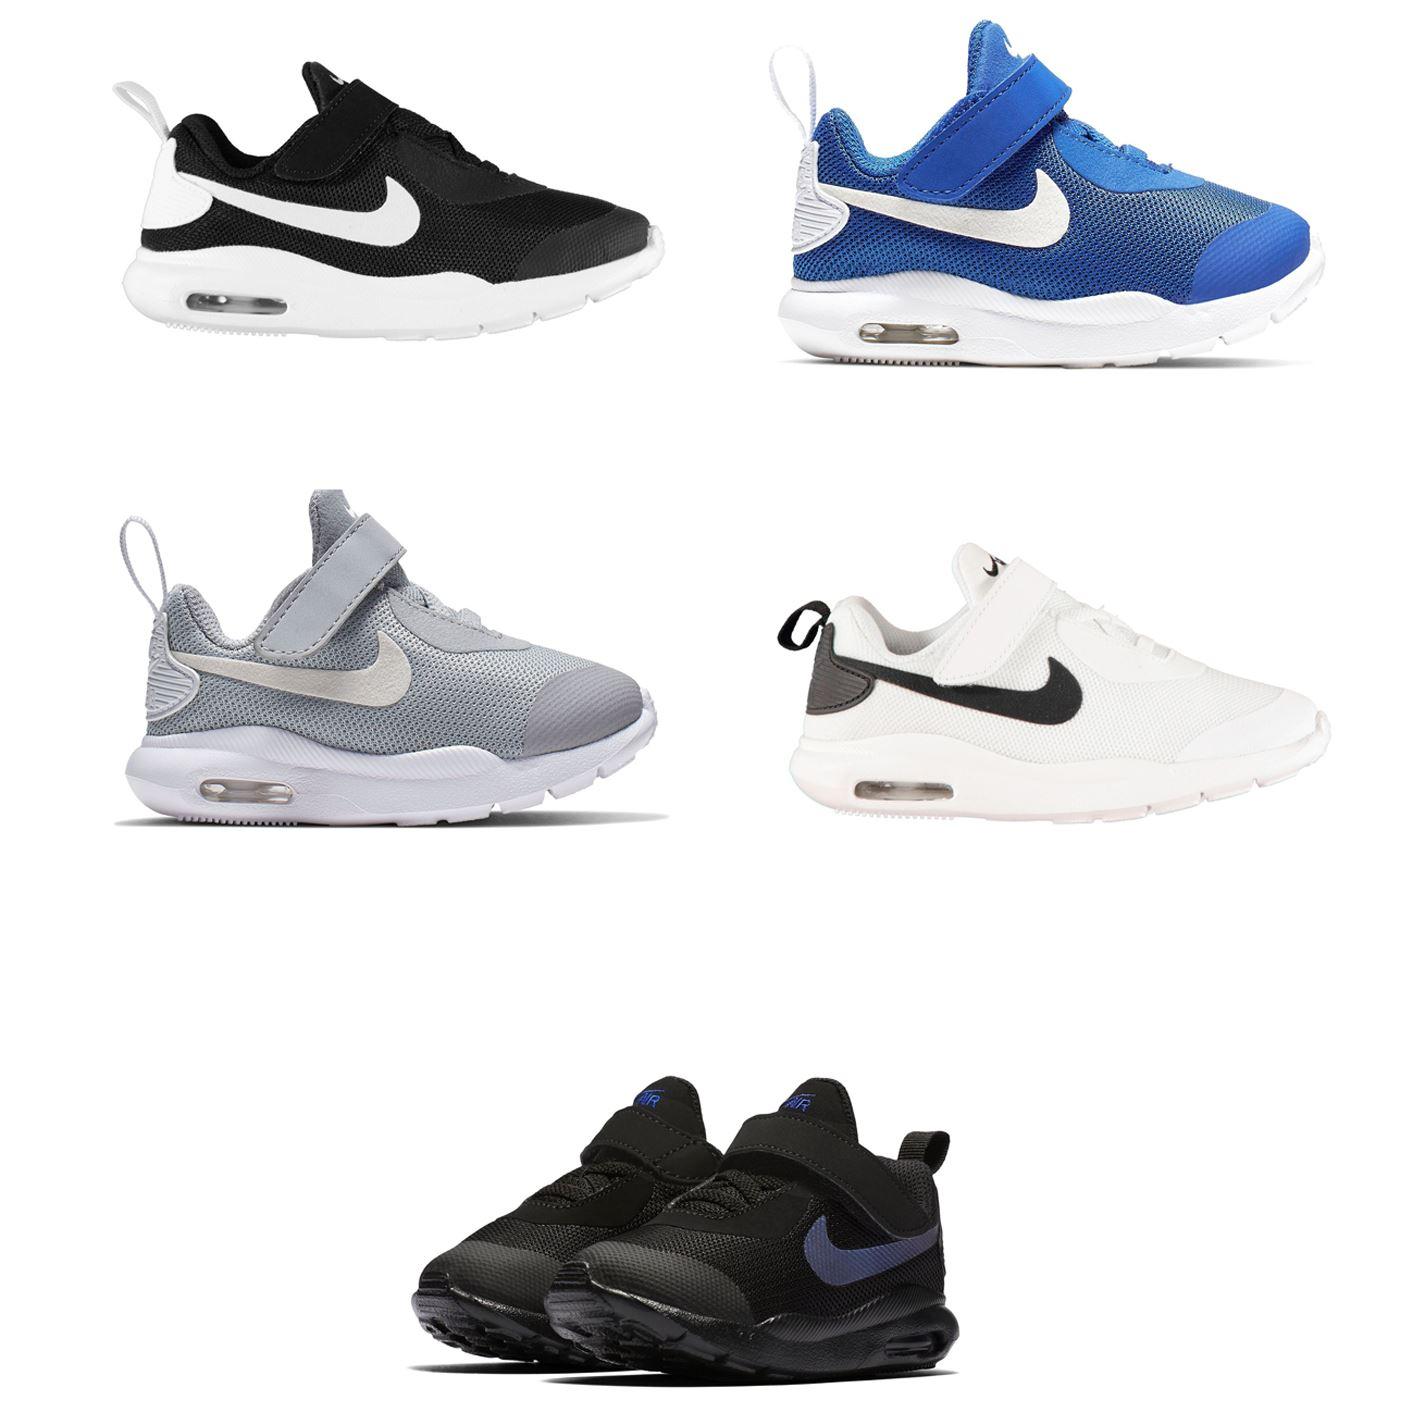 Détails sur Nike Air Max Oketo Baskets Enfants Garçons Chaussures Baskets Enfants Chaussures afficher le titre d'origine